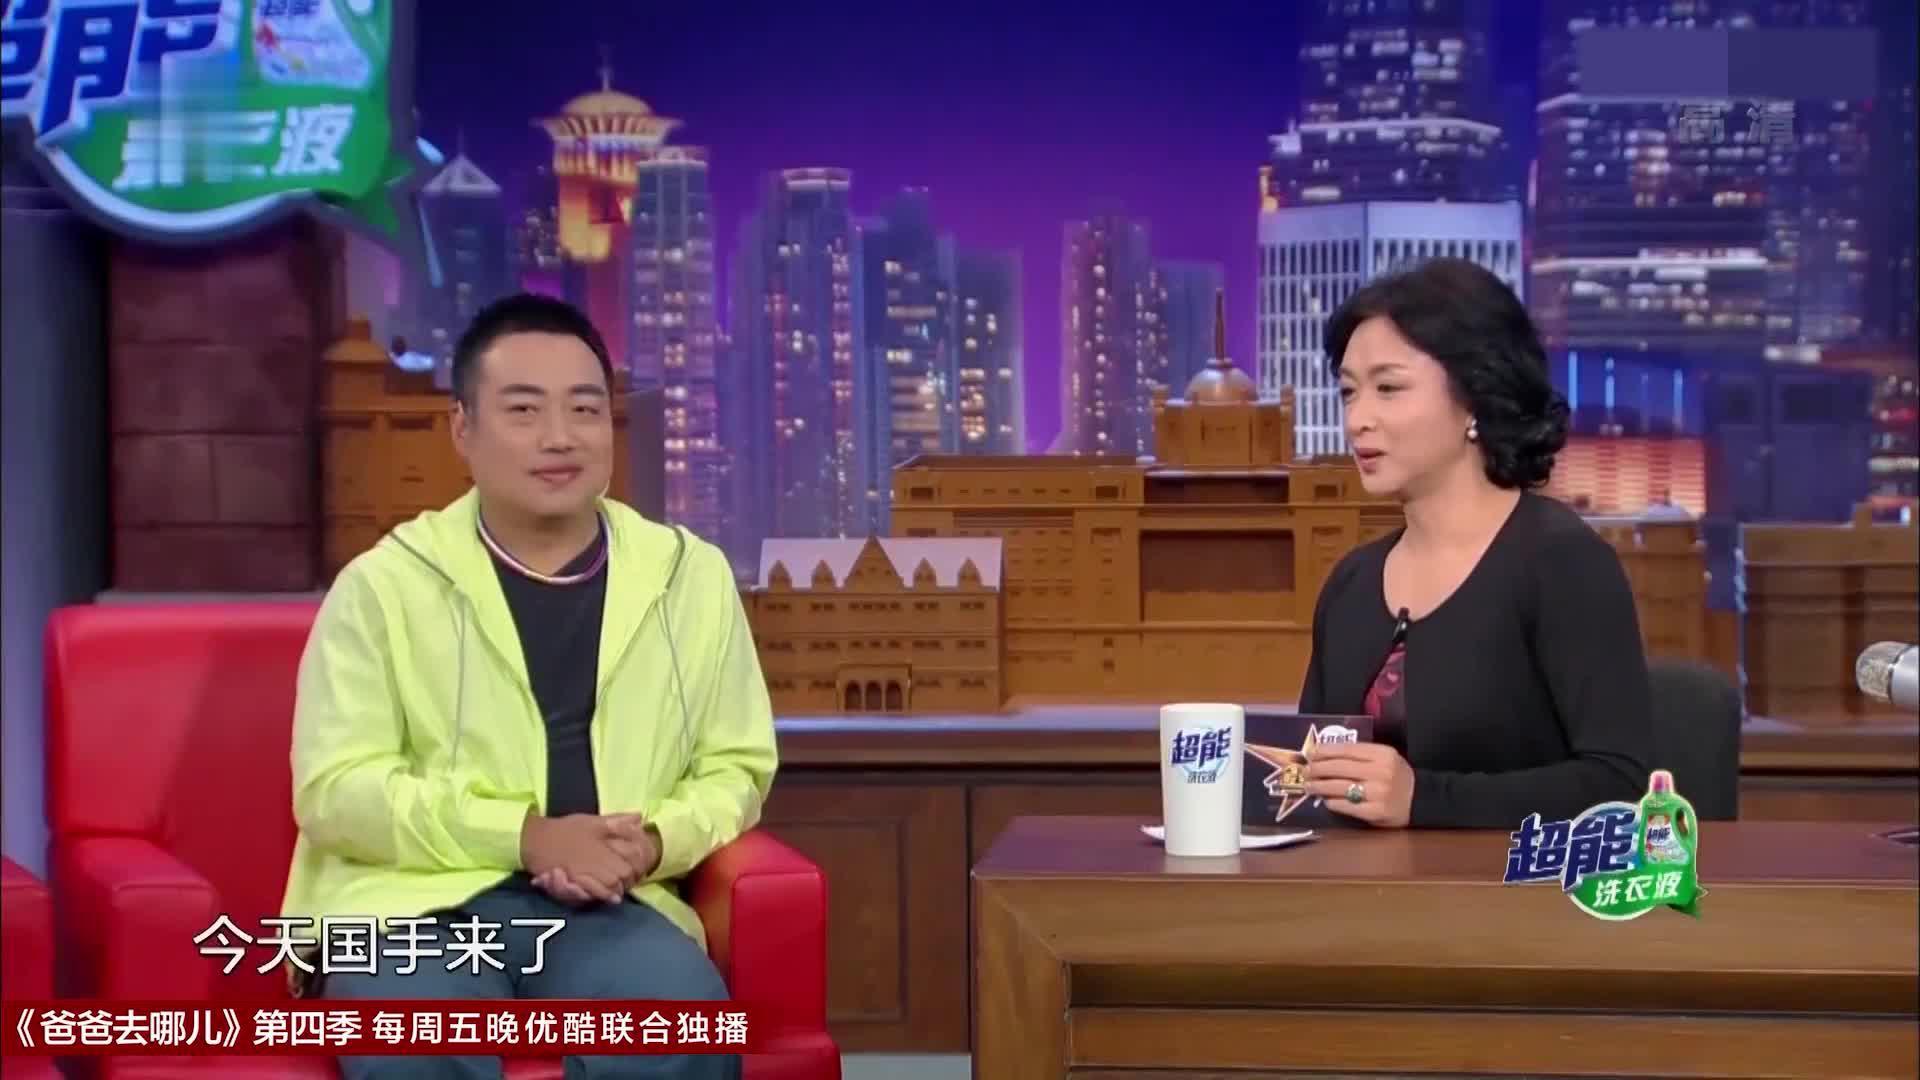 金星秀:刘国梁拿锅铲打乒乓,球球都能打回去,这准度太牛了吧!